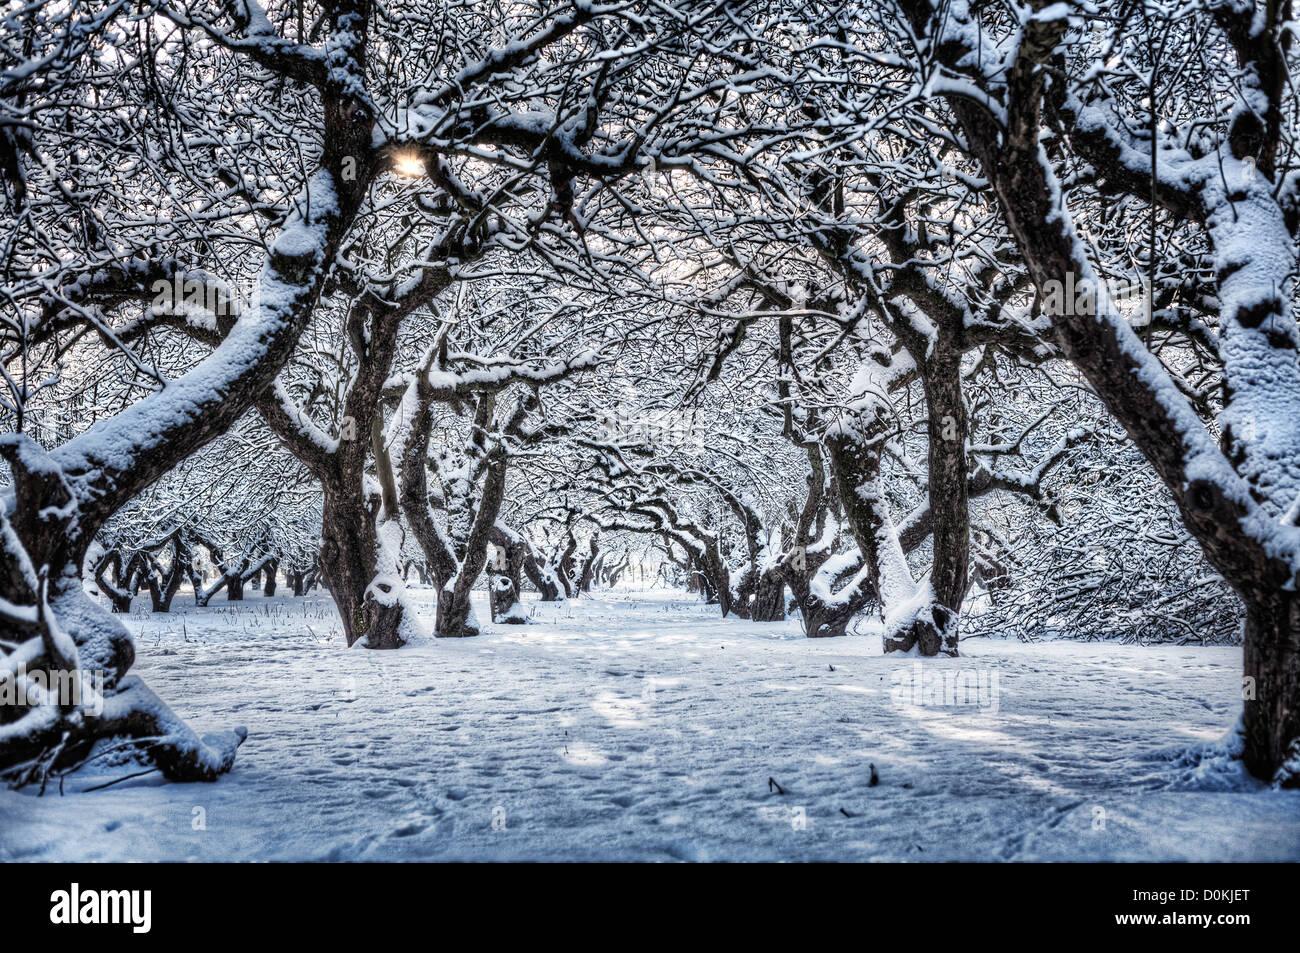 Eine Reihe von Schnee bedeckt Bäume in einem Obstgarten. Stockbild